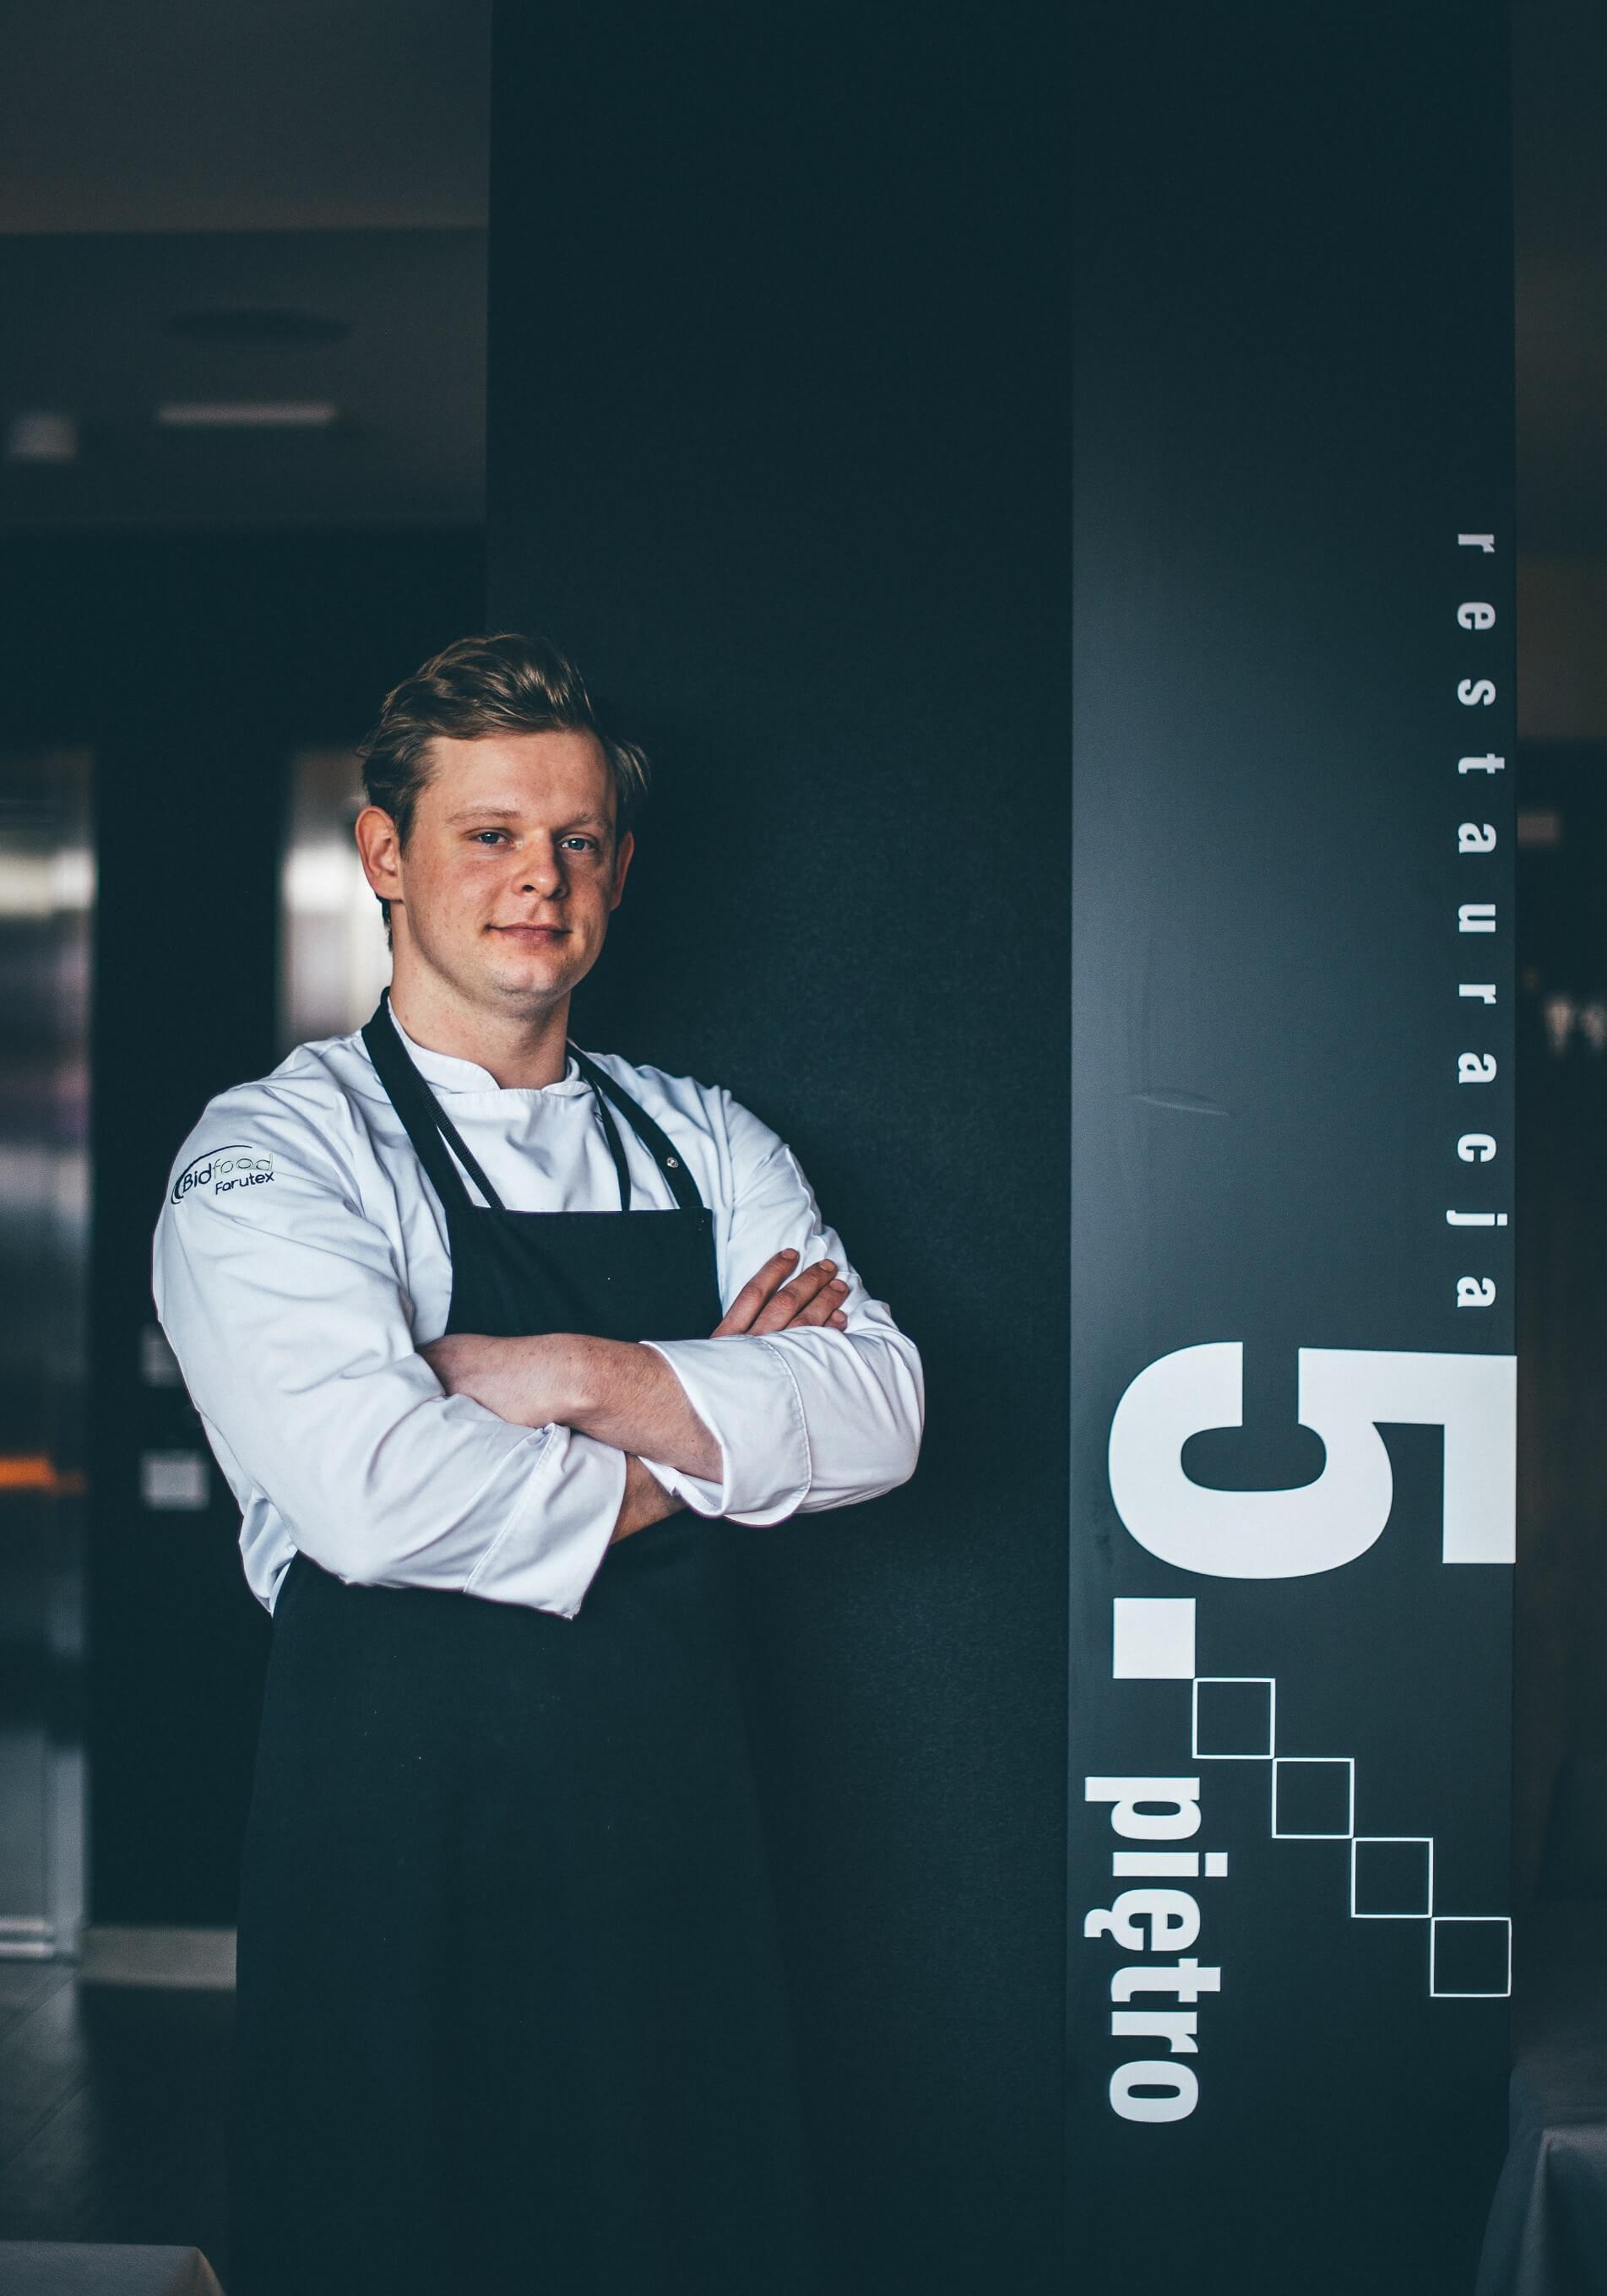 Szef restauracji 5 piętro w Gdańsku